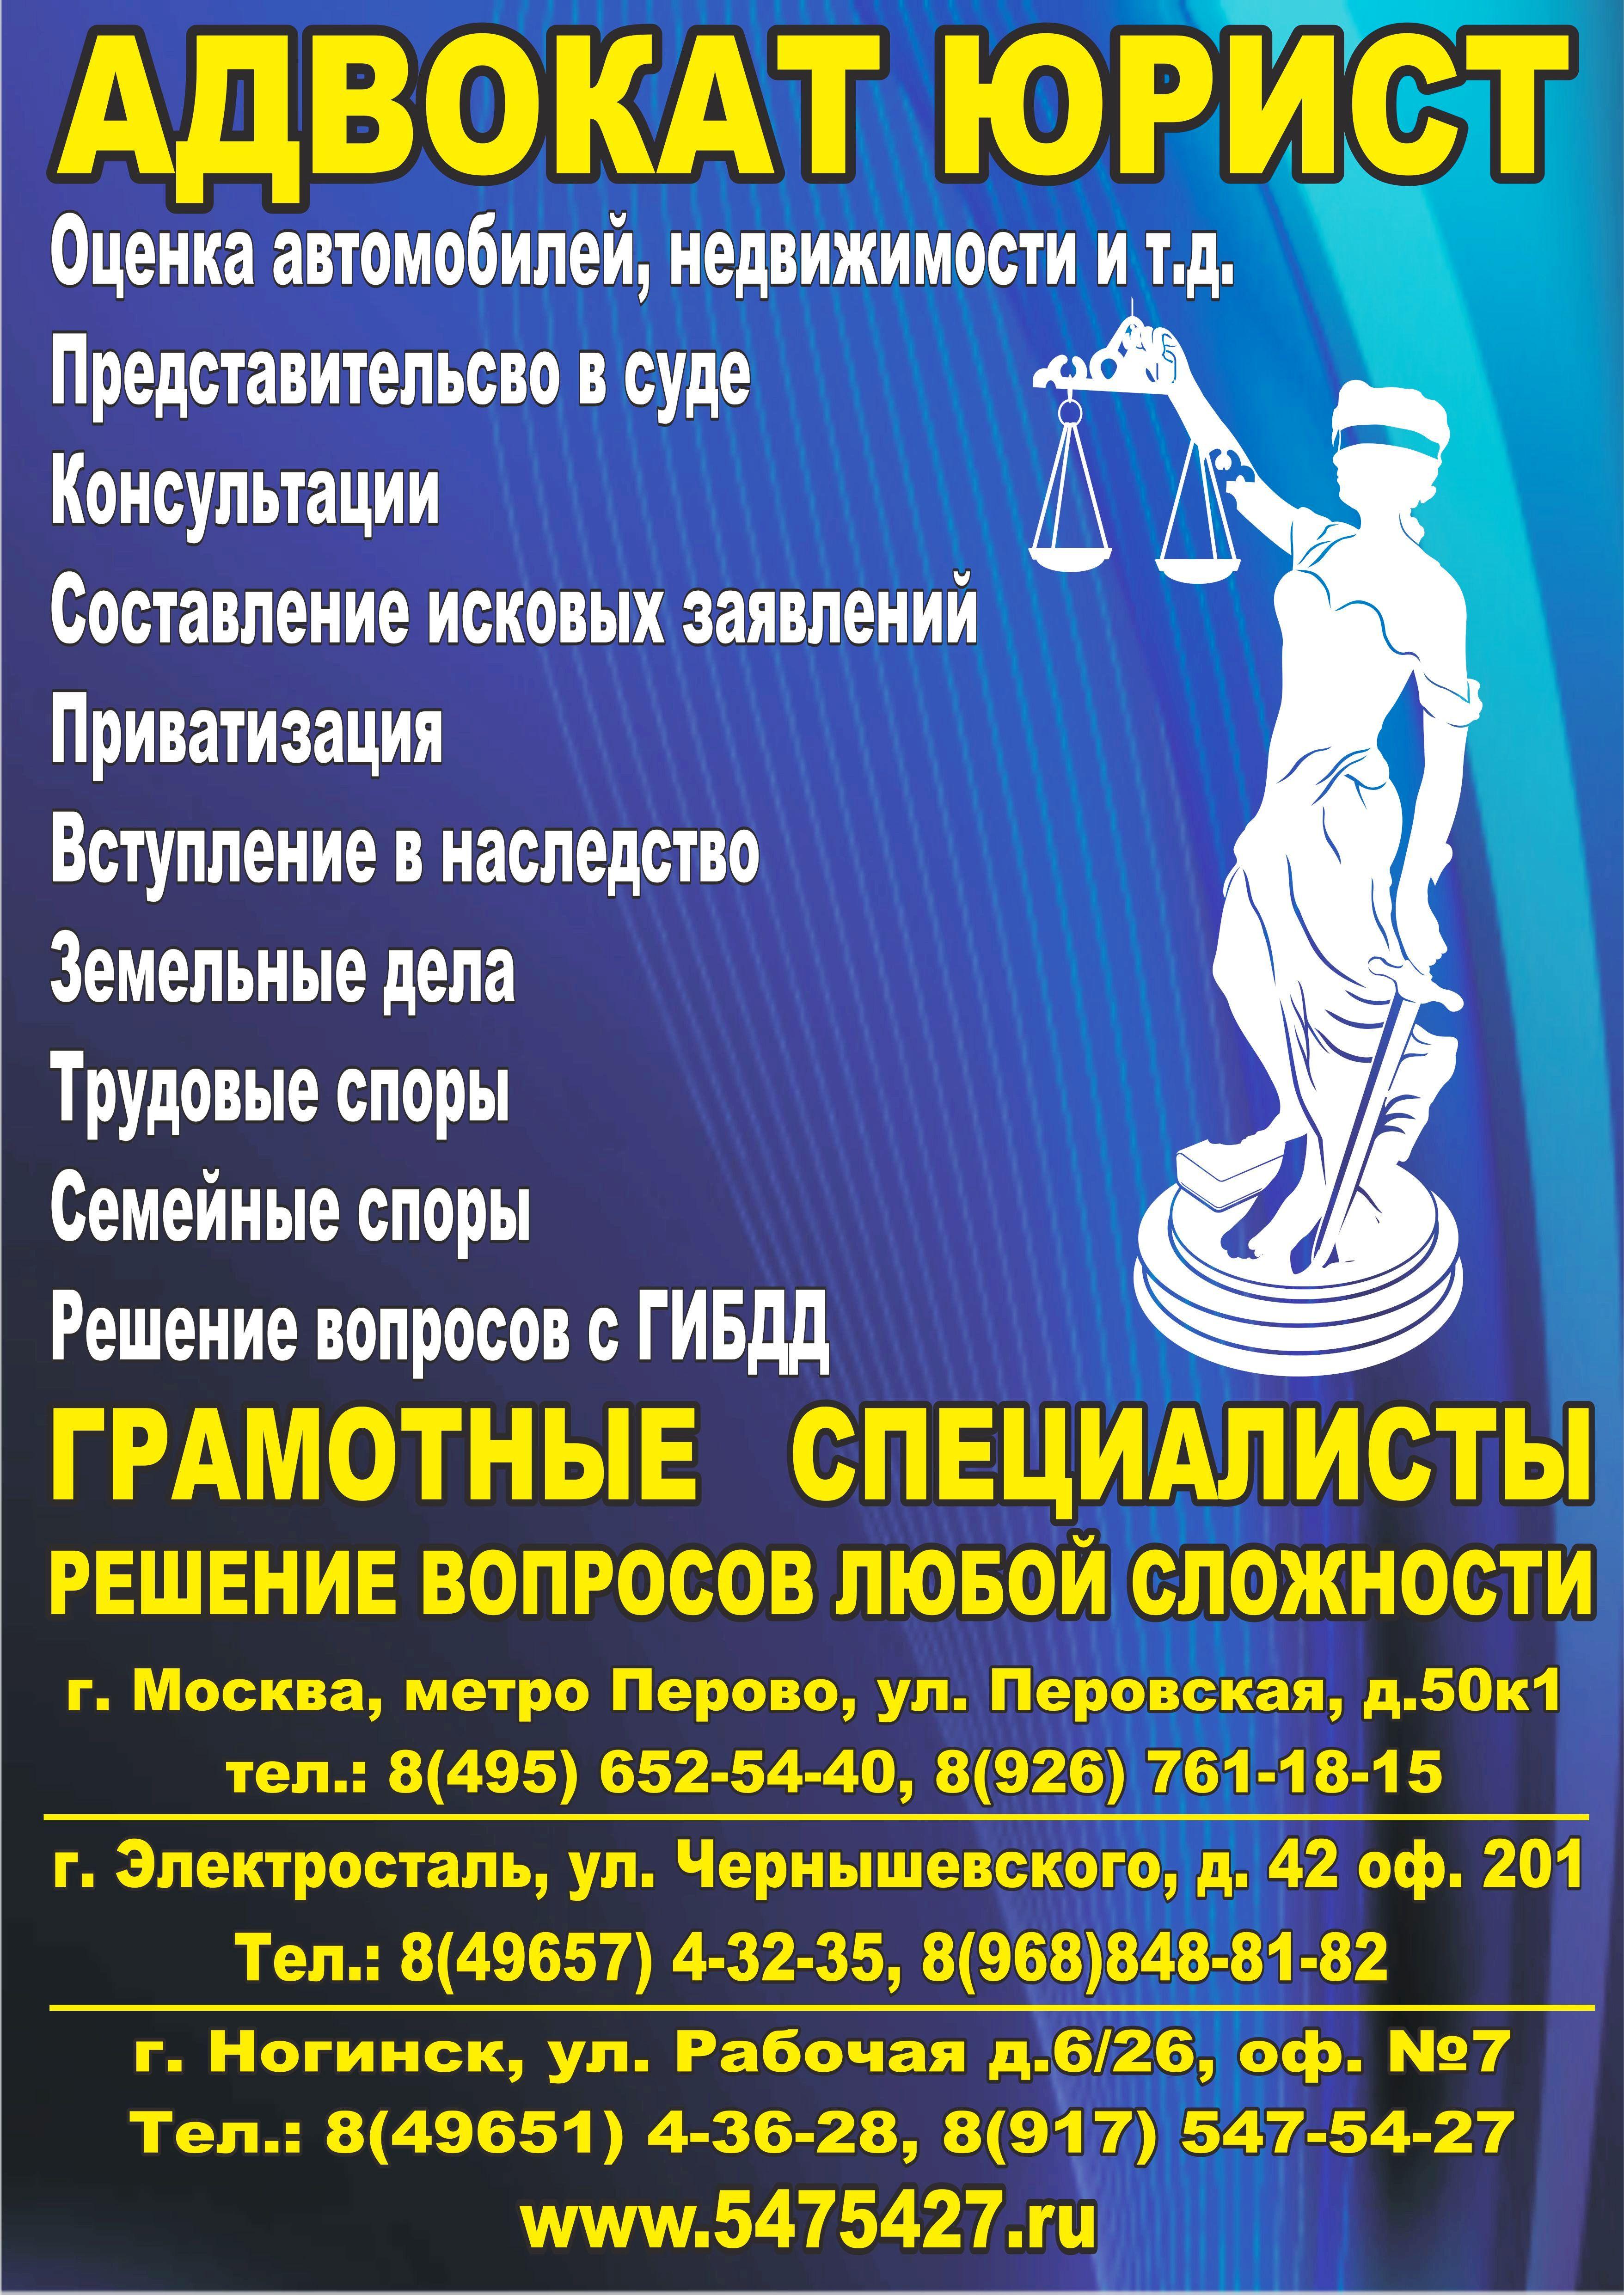 Юридические услуги картинки реклама